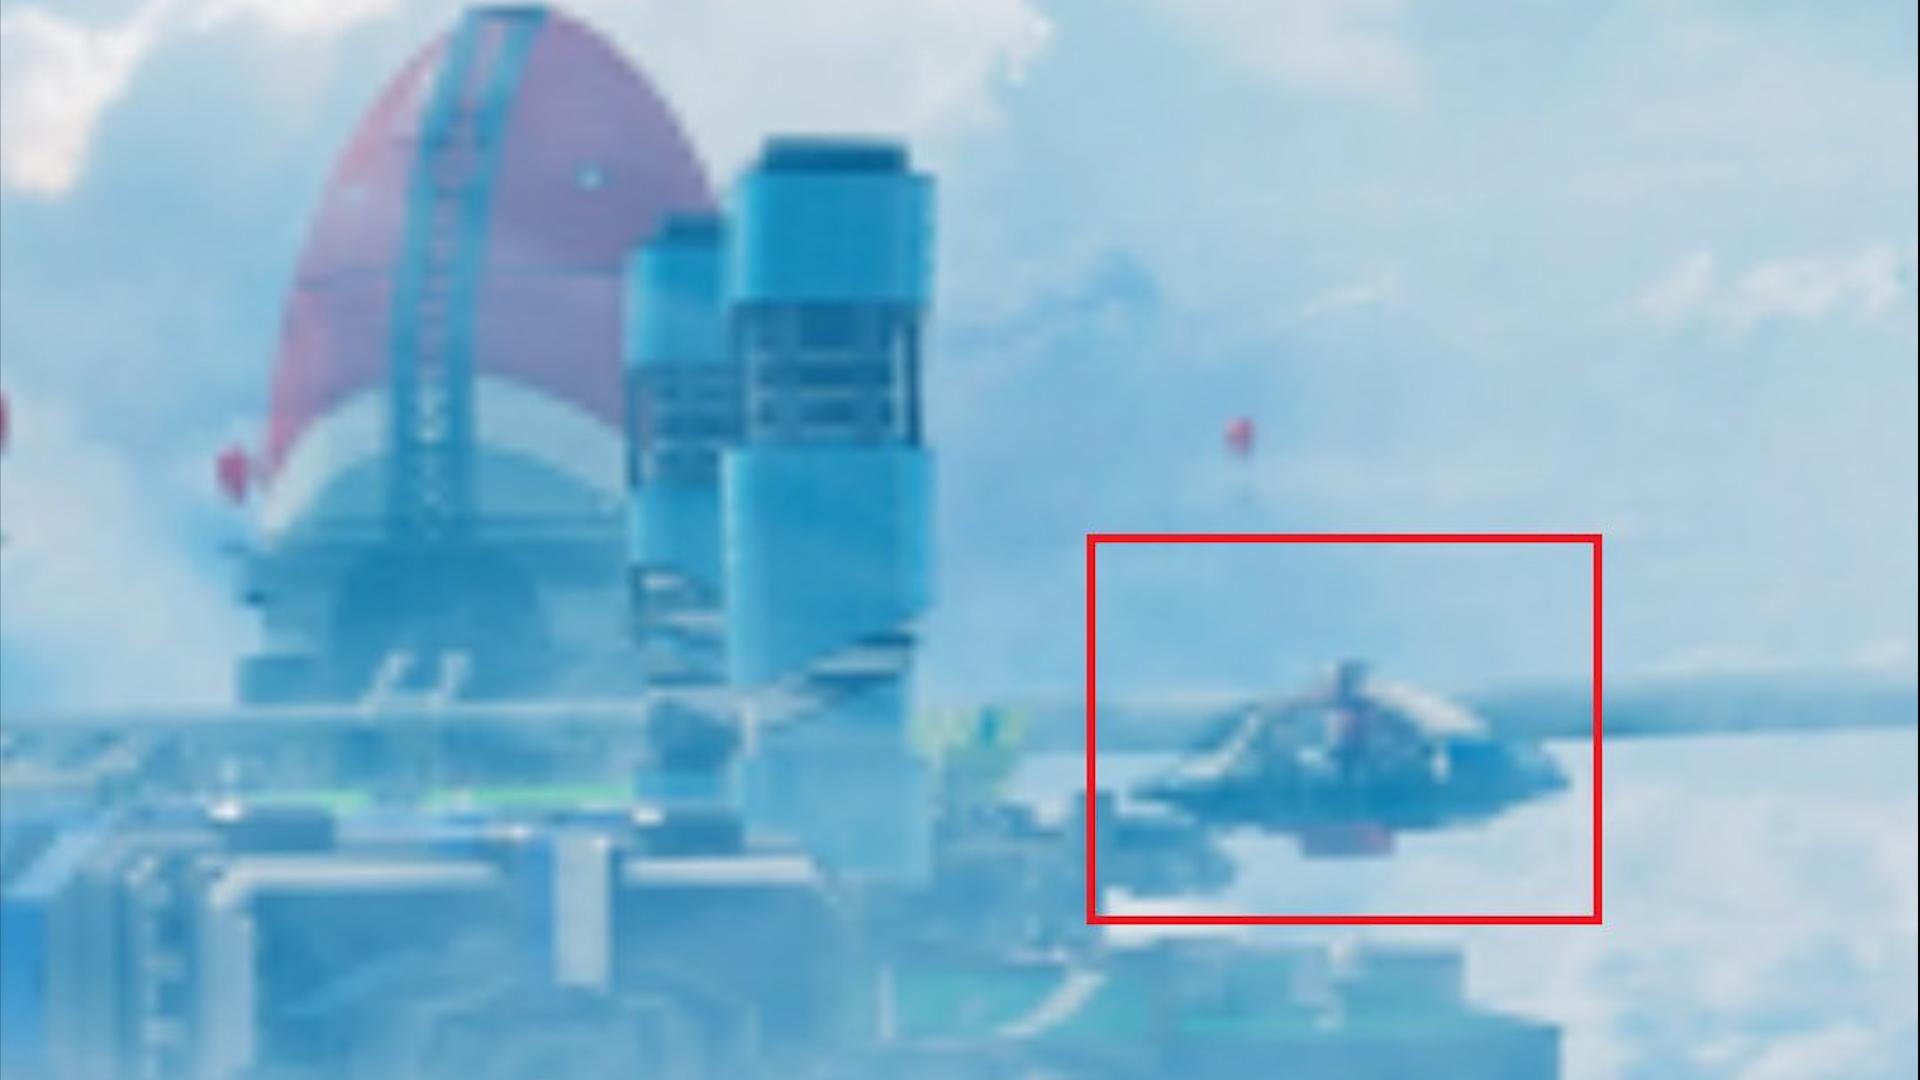 【速報】新マップ「オリンパス」にAPEX公式開発者の動画で映っていた「UFOエリア」が登場するかも!?